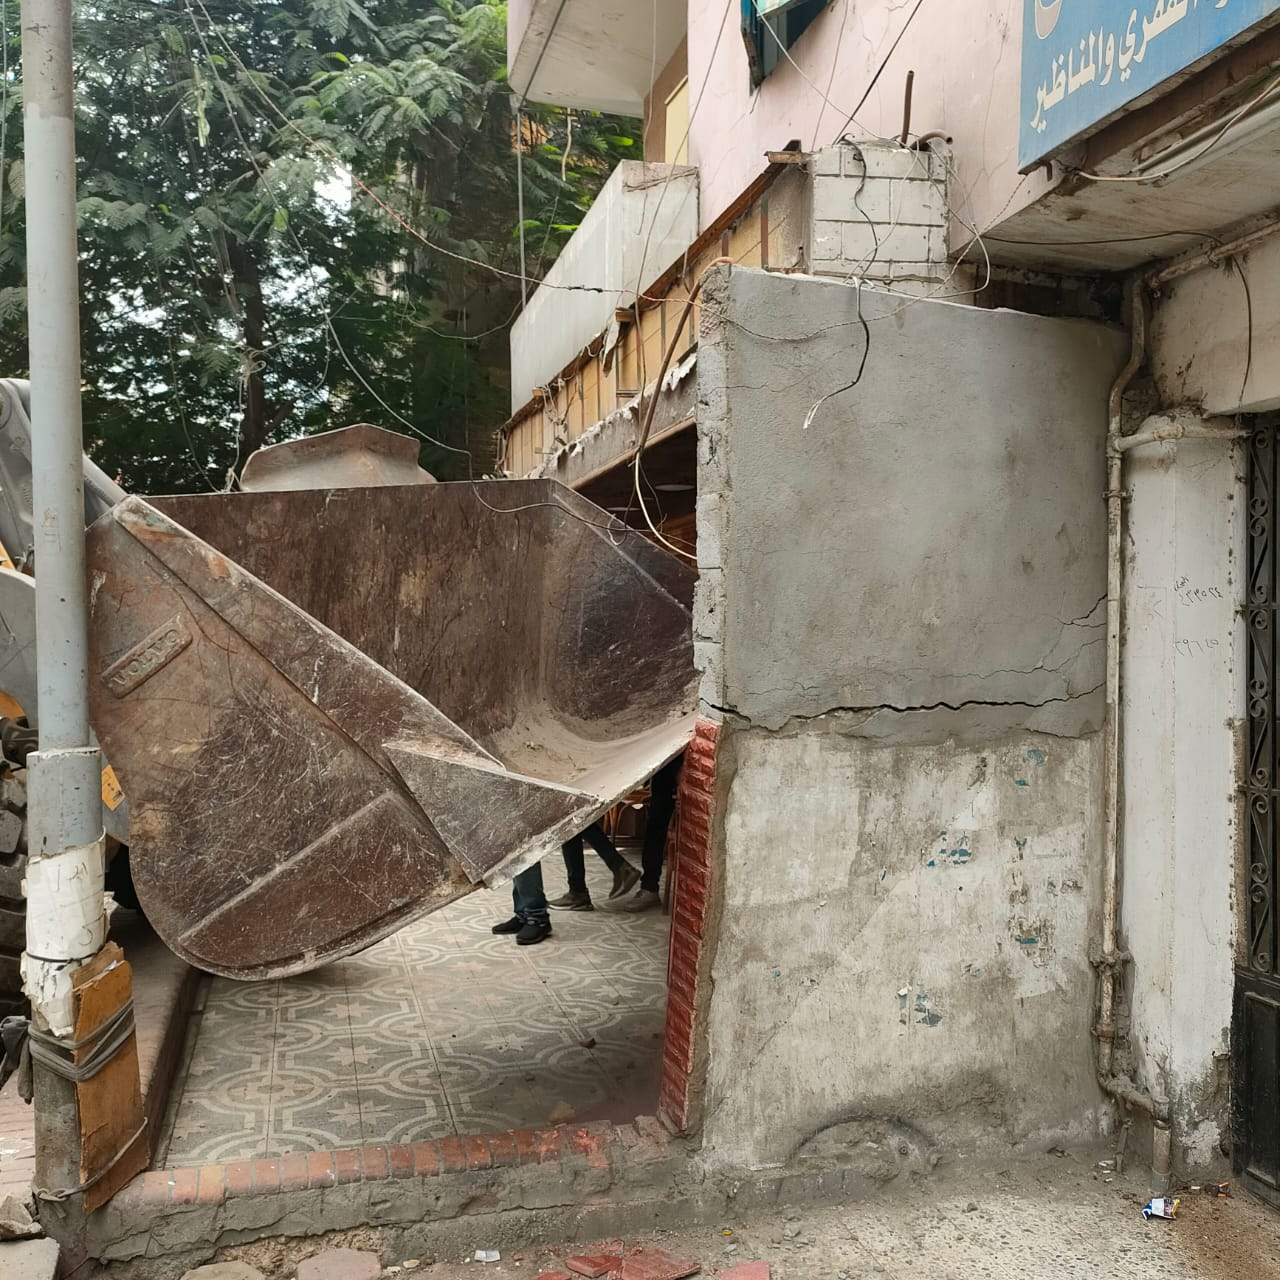 ازالة تعديات على شوارع الجيزة (5)